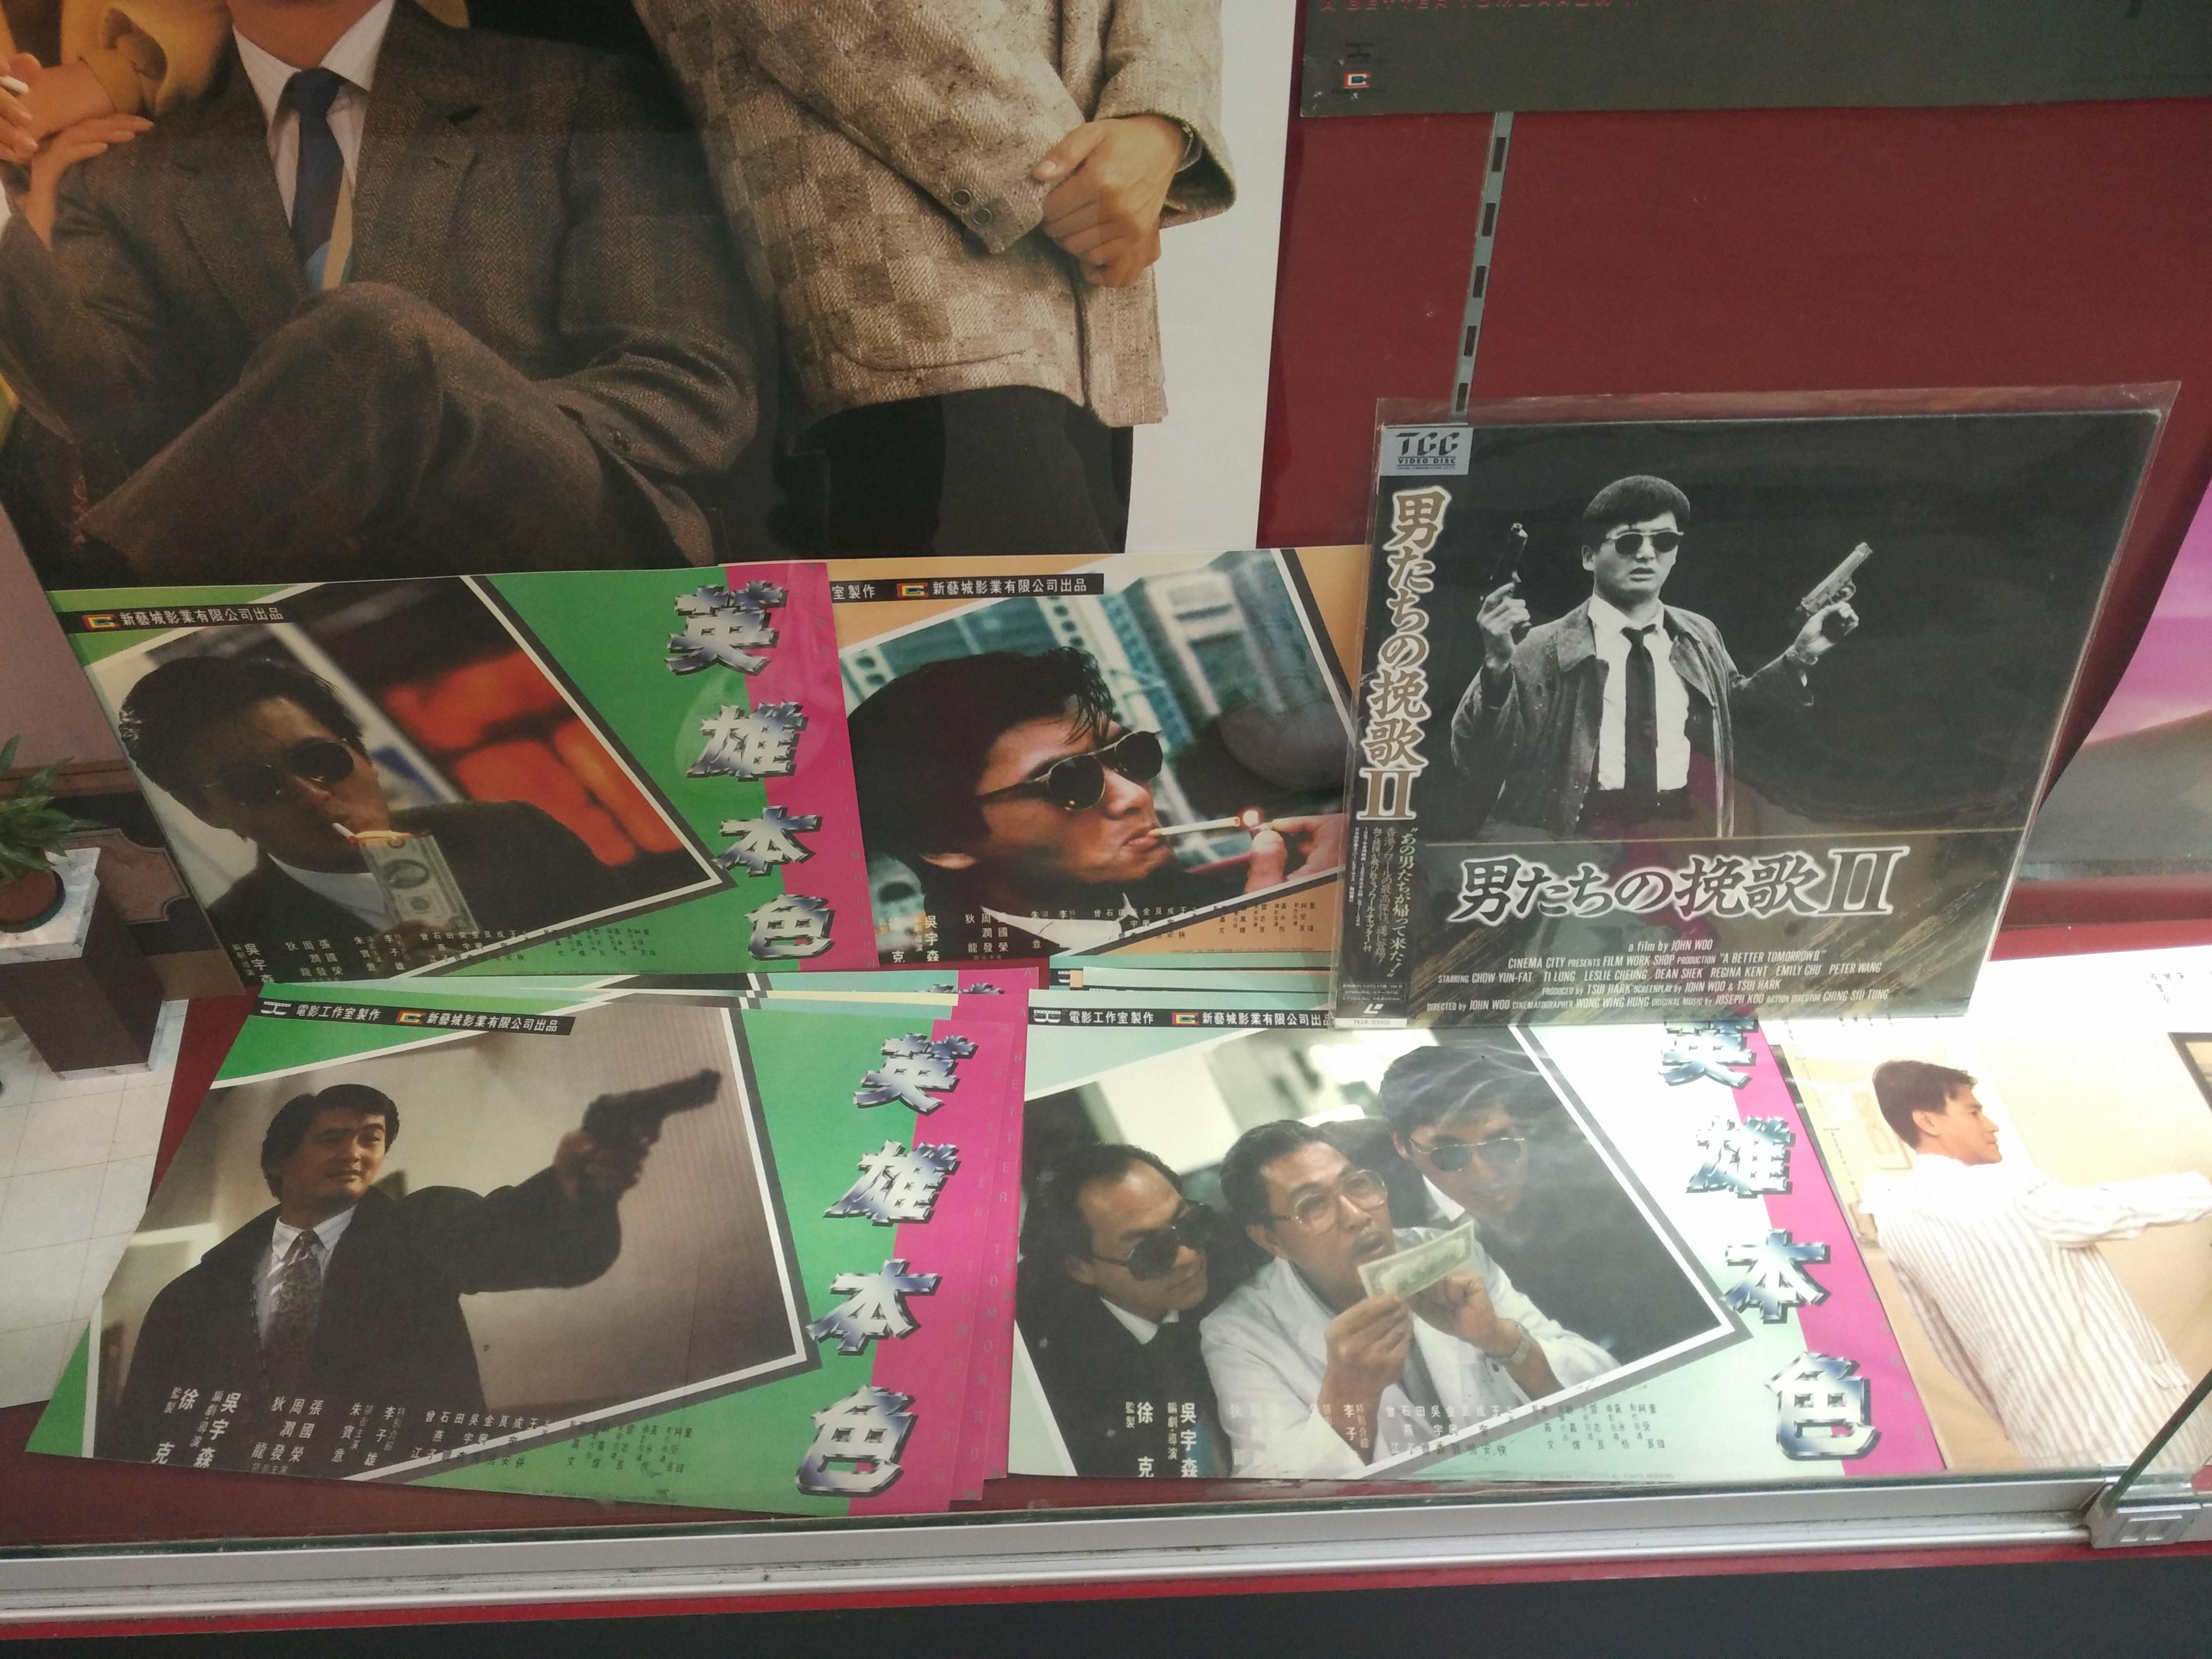 店主有收藏外國版的港產片影碟